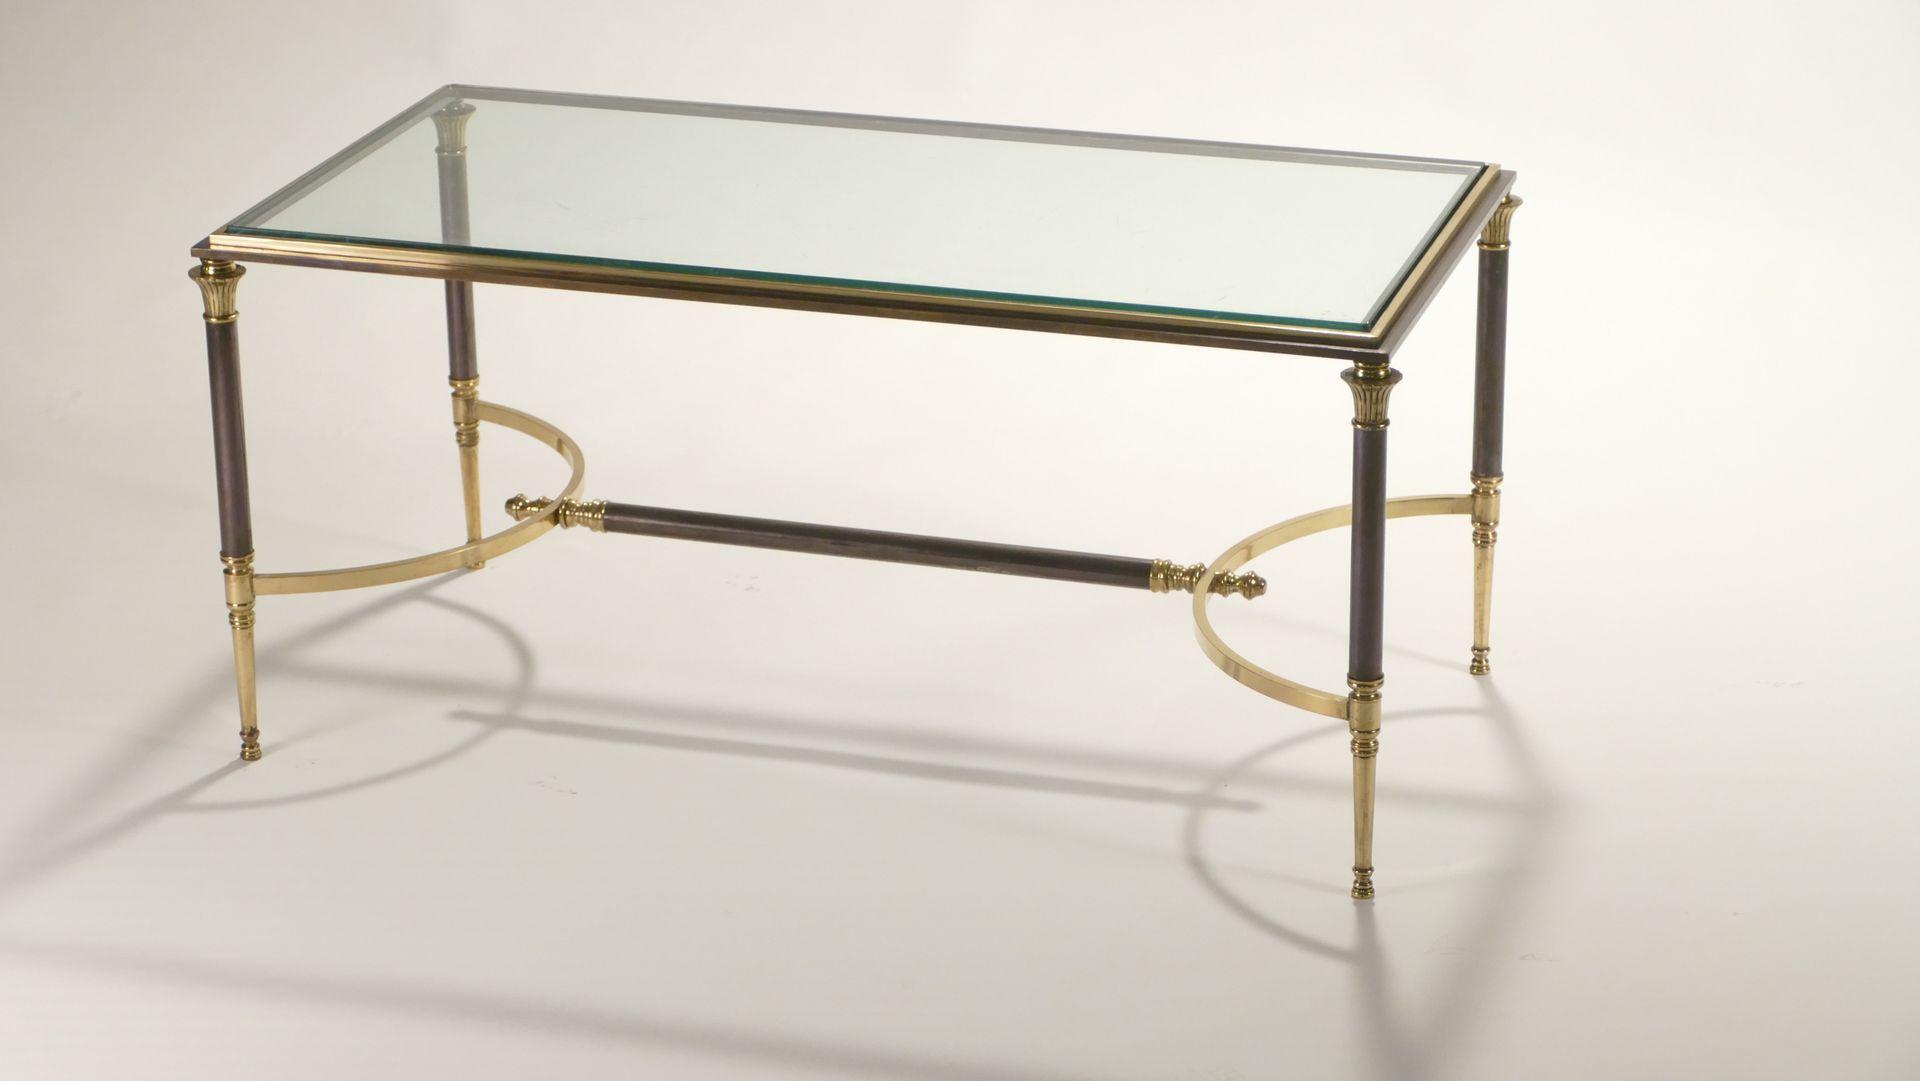 Table basse vintage de maison charles en vente sur pamono - Table basse maison de famille ...